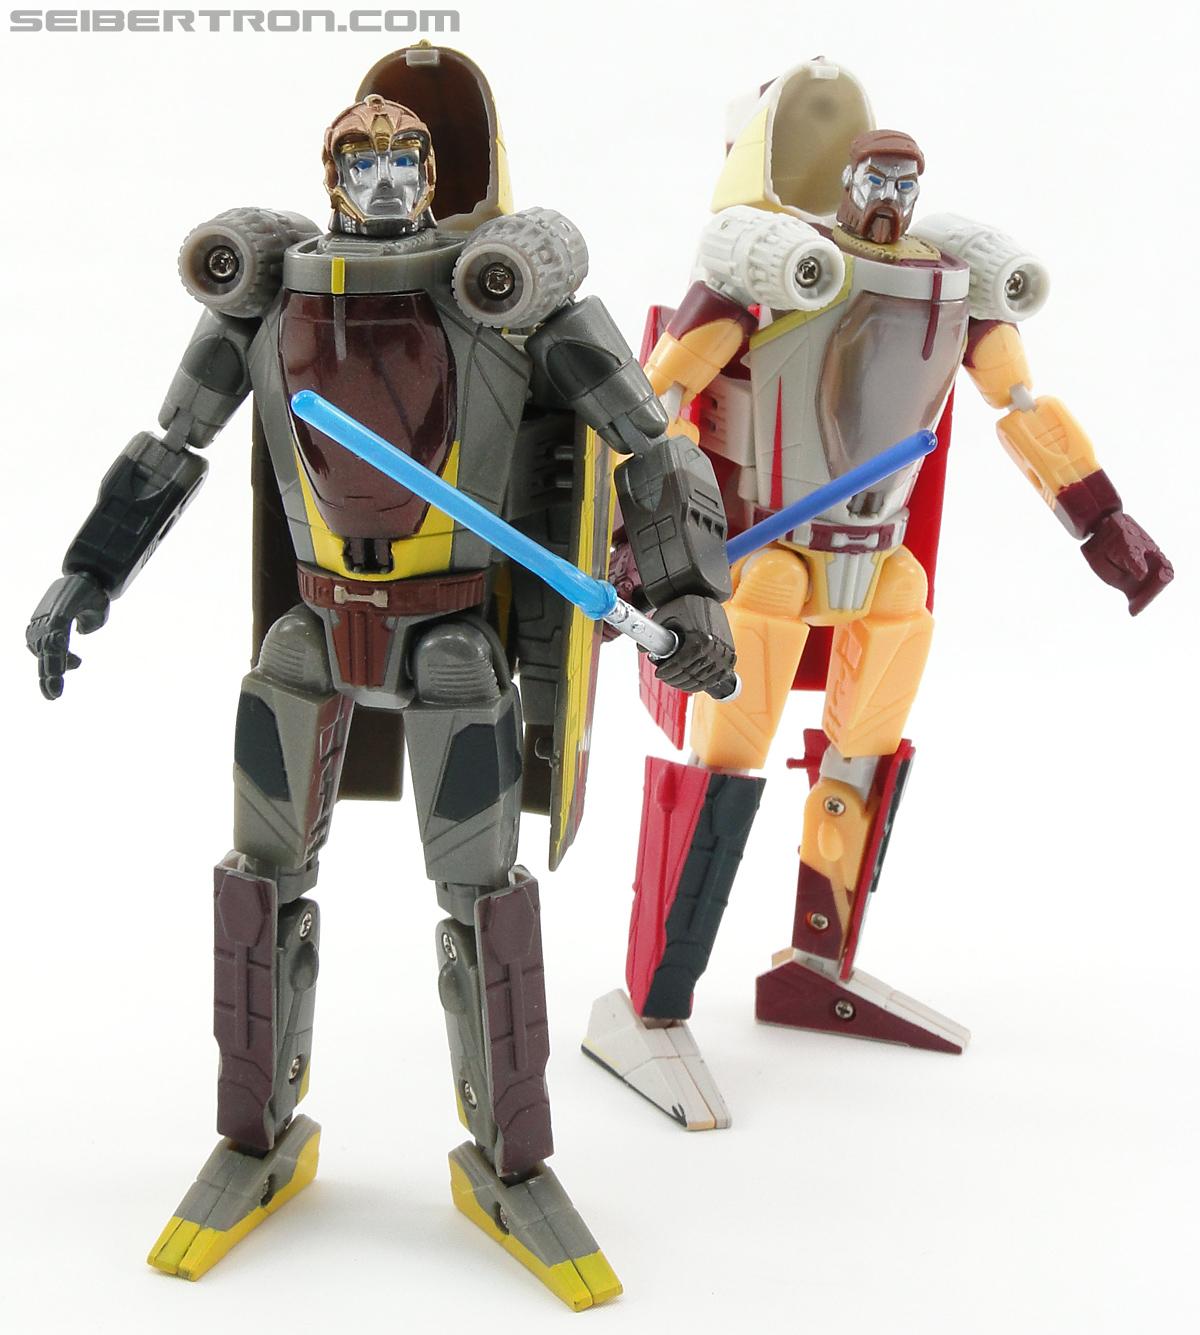 Star Wars Transformers Anakin Skywalker (Jedi Starfighter) (Image #81 of 108)